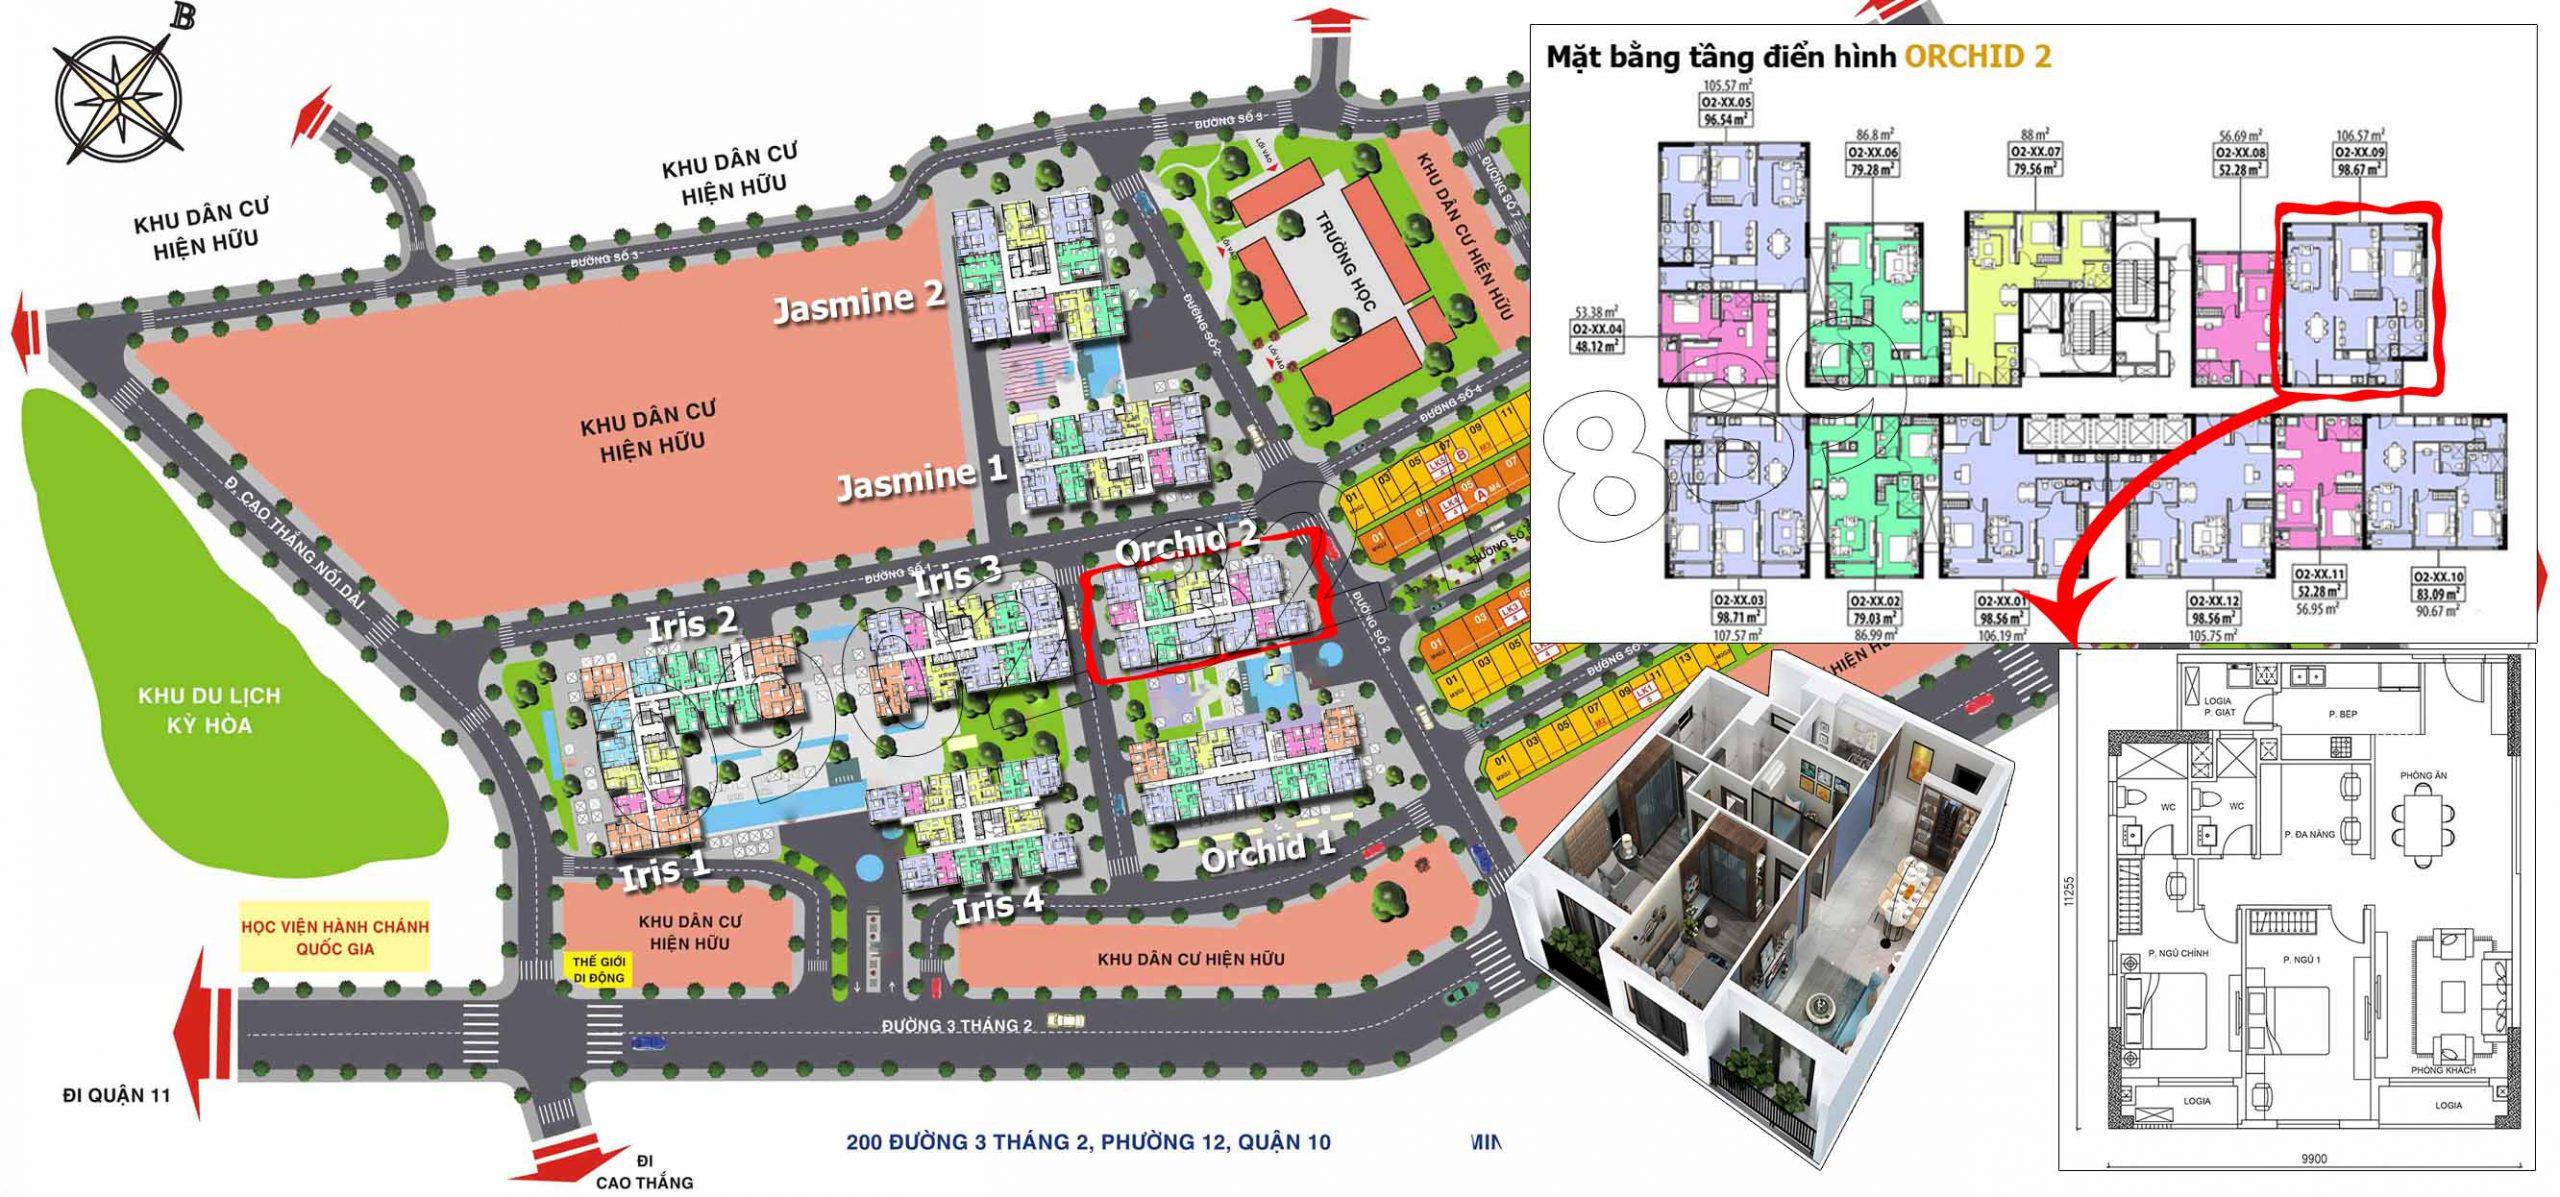 Căn hộ 09 tại tòa Orchid 2, diện tích 106m2 thiết kế 2 phòng ngủ plus